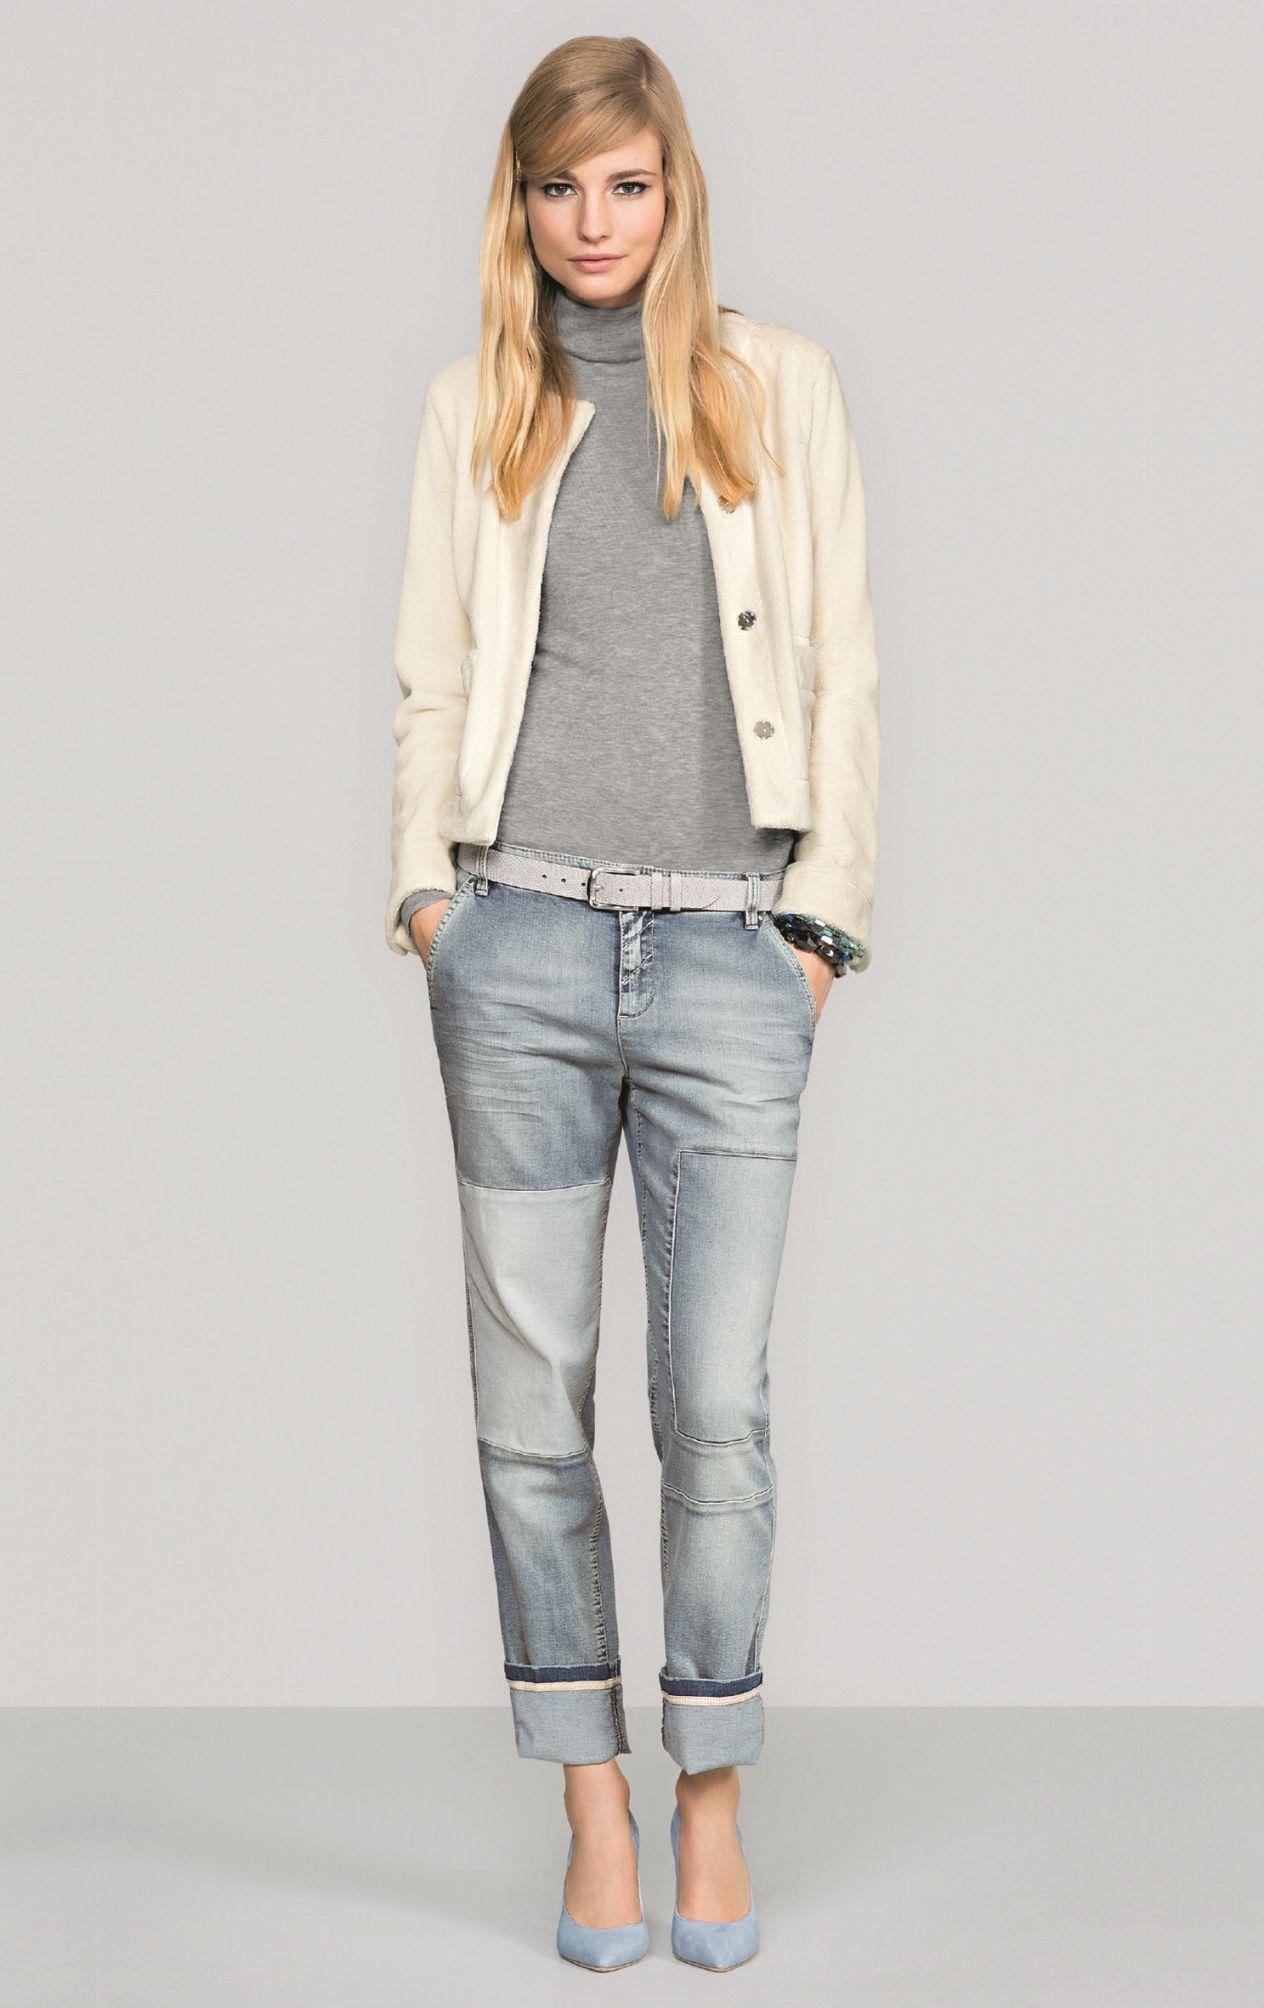 6323437f1eacd8 Hohe Pumps oder Stiefeletten mit Plateau sind besonders stylisch zur weit  ausgestellten Jeans und verlängern zudem das Bein (Foto  Marke Marc Cain).